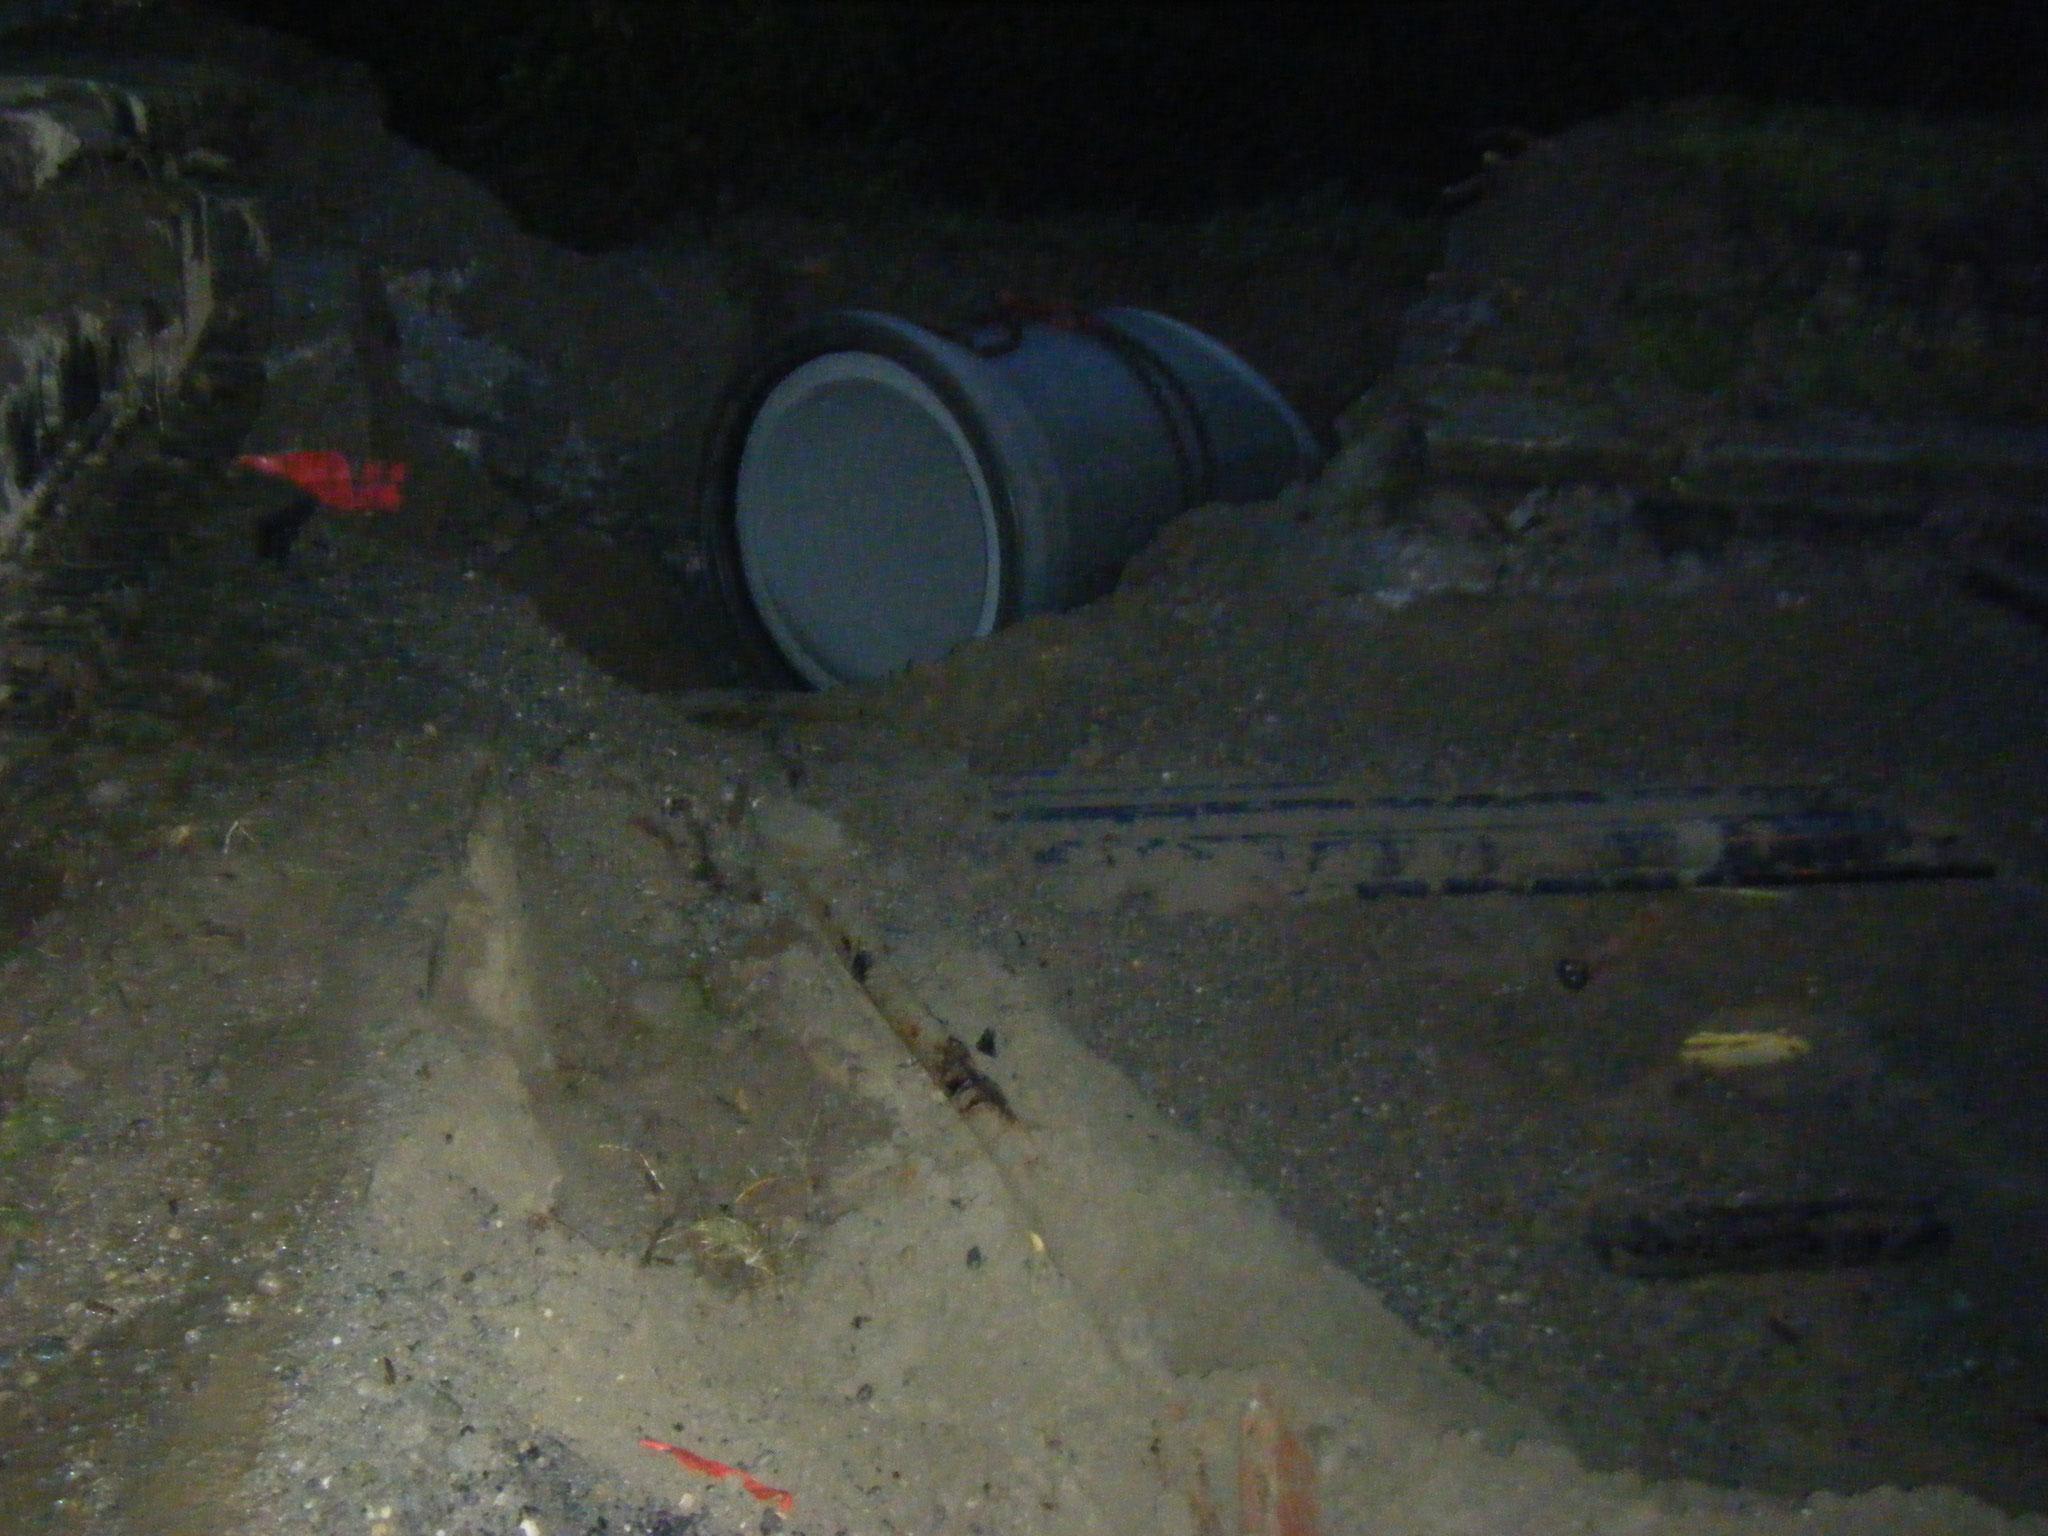 der gesamte Untergrund ist von Strom-, Starkstrom-, Gas- und Wasserleitungen durchzogen